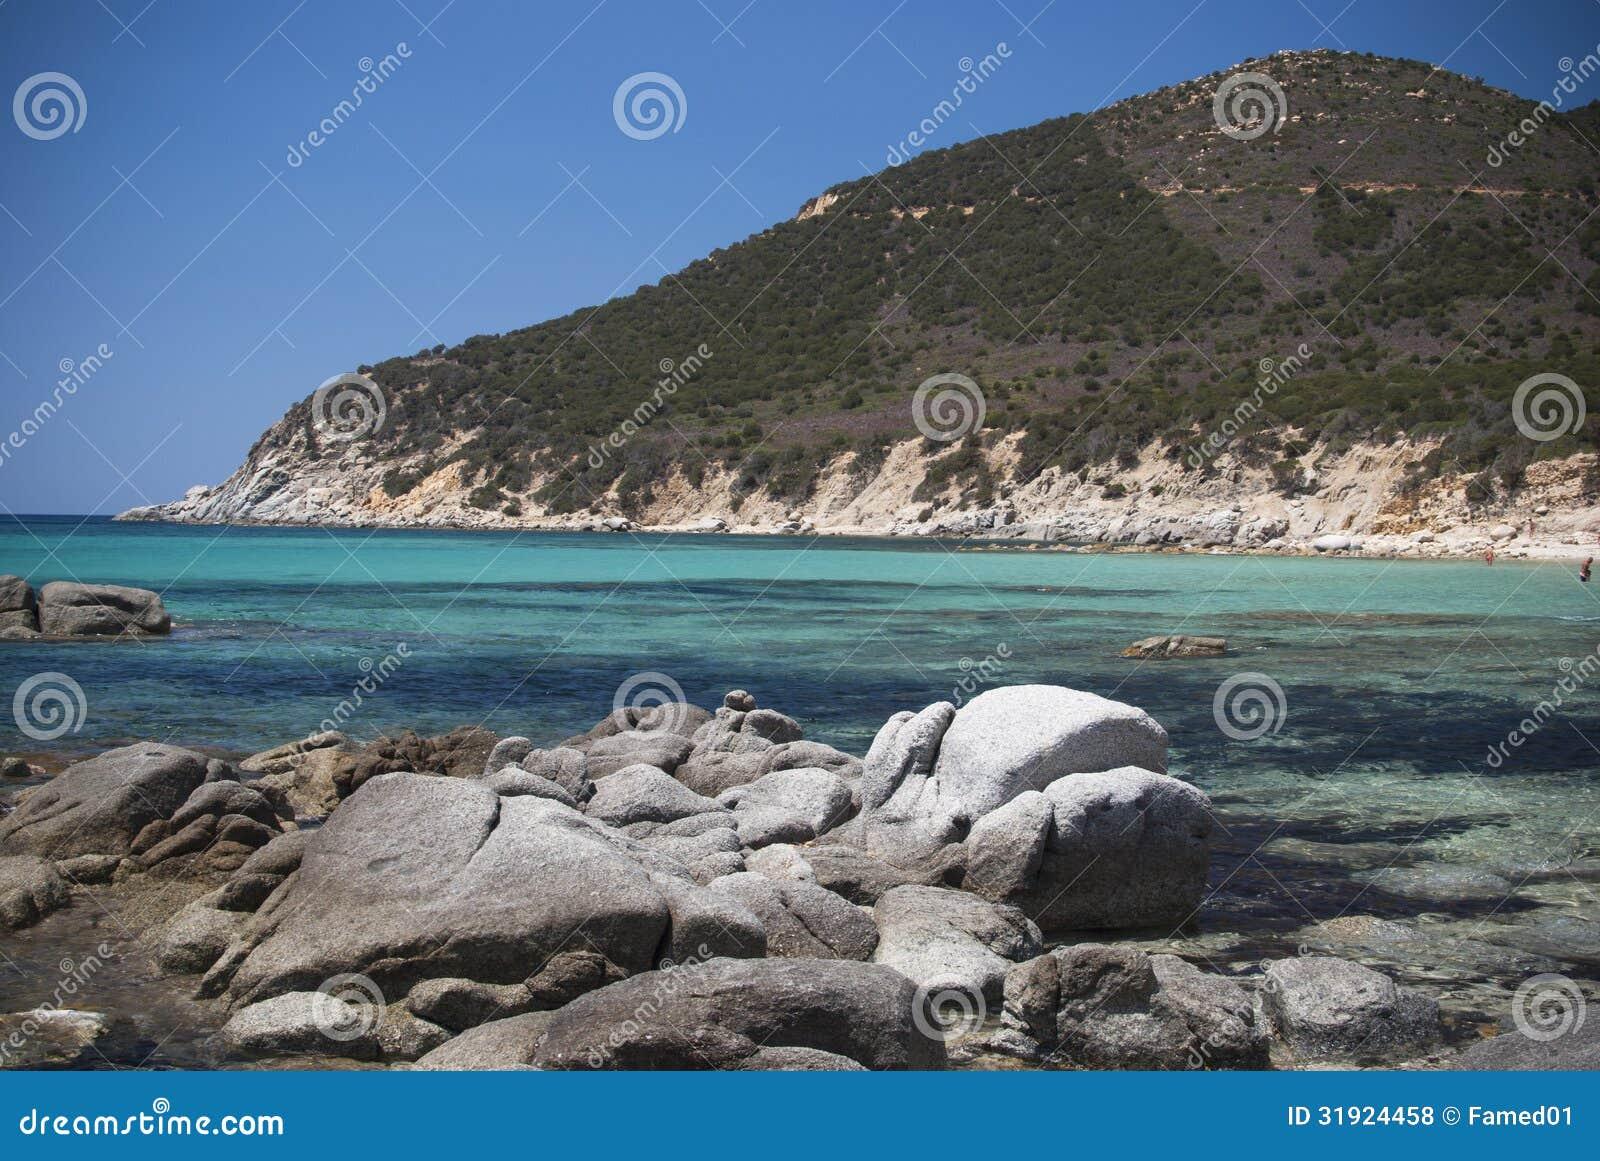 撒丁岛。热带水和岩石